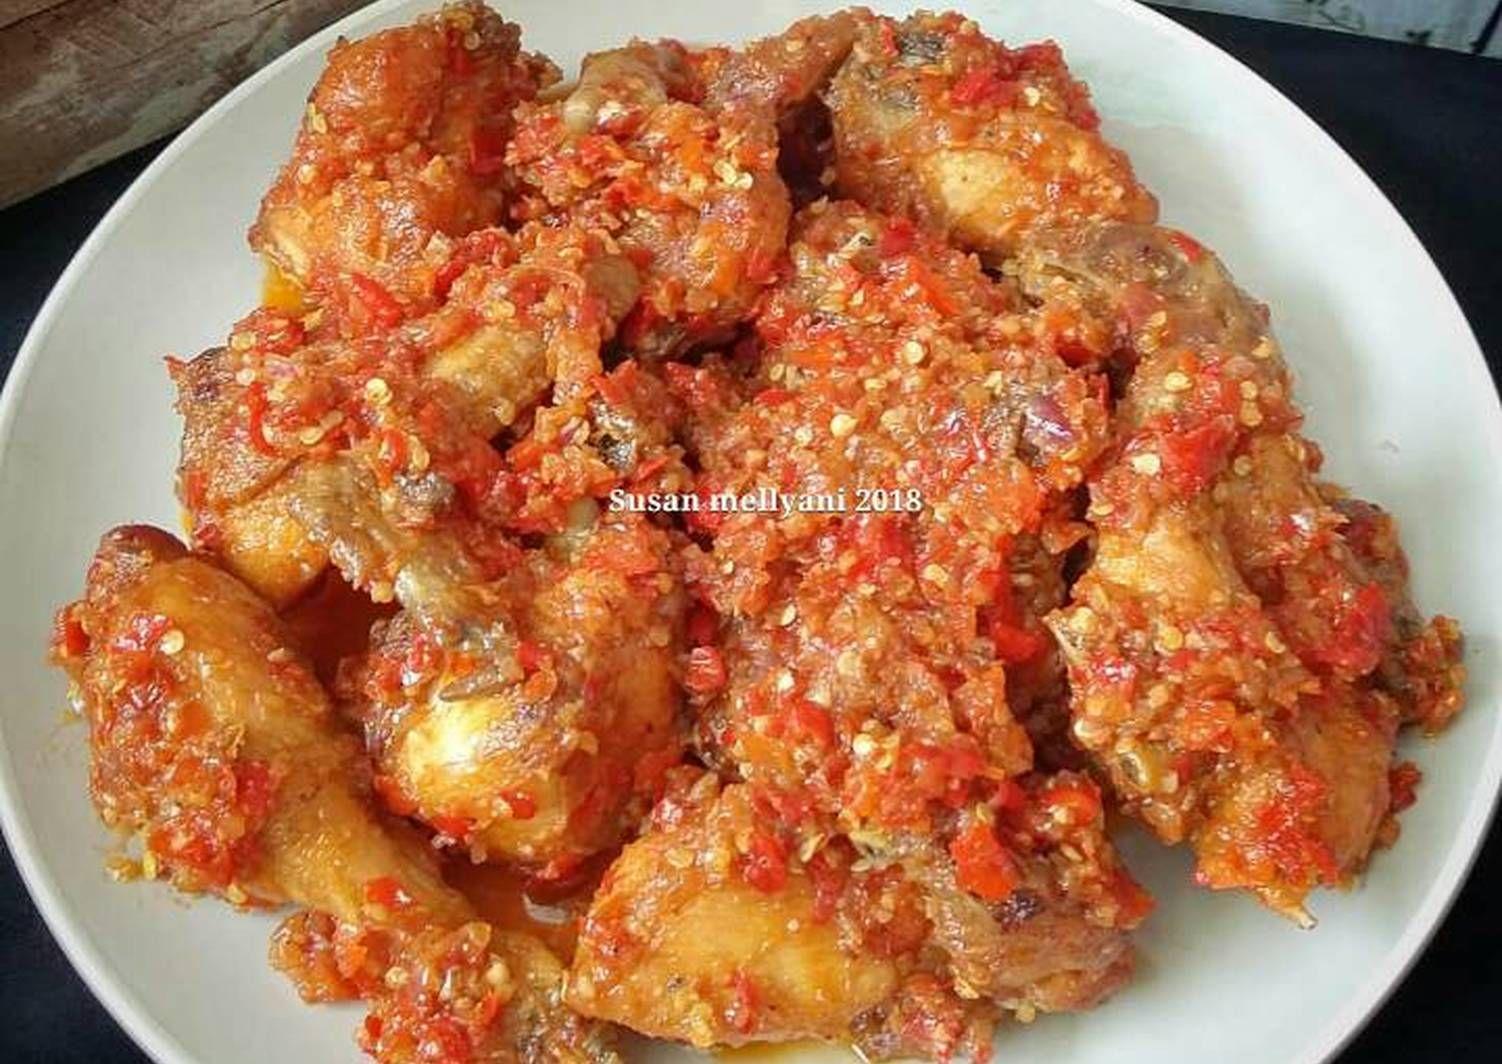 Resep Ayam Balado Oleh Susan Mellyani Resep Resep Ayam Makanan Resep Makanan